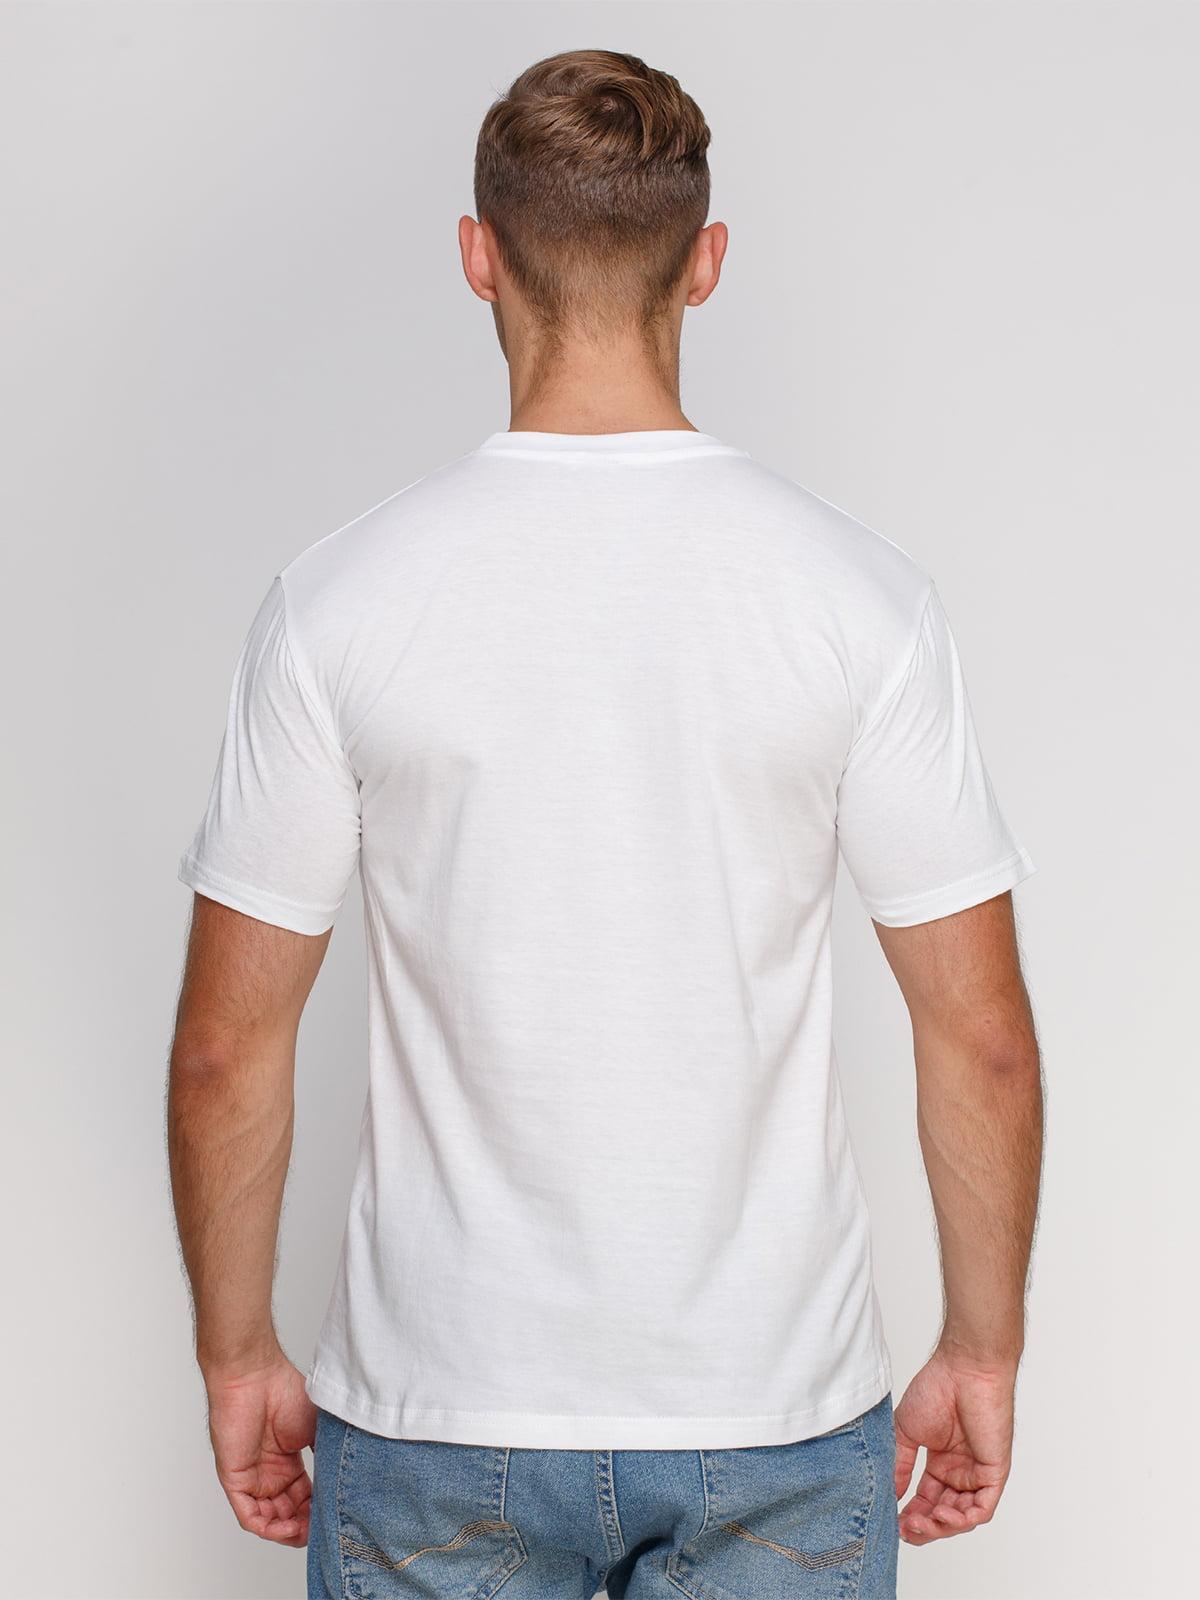 Футболка біла з принтом | 4577868 | фото 2